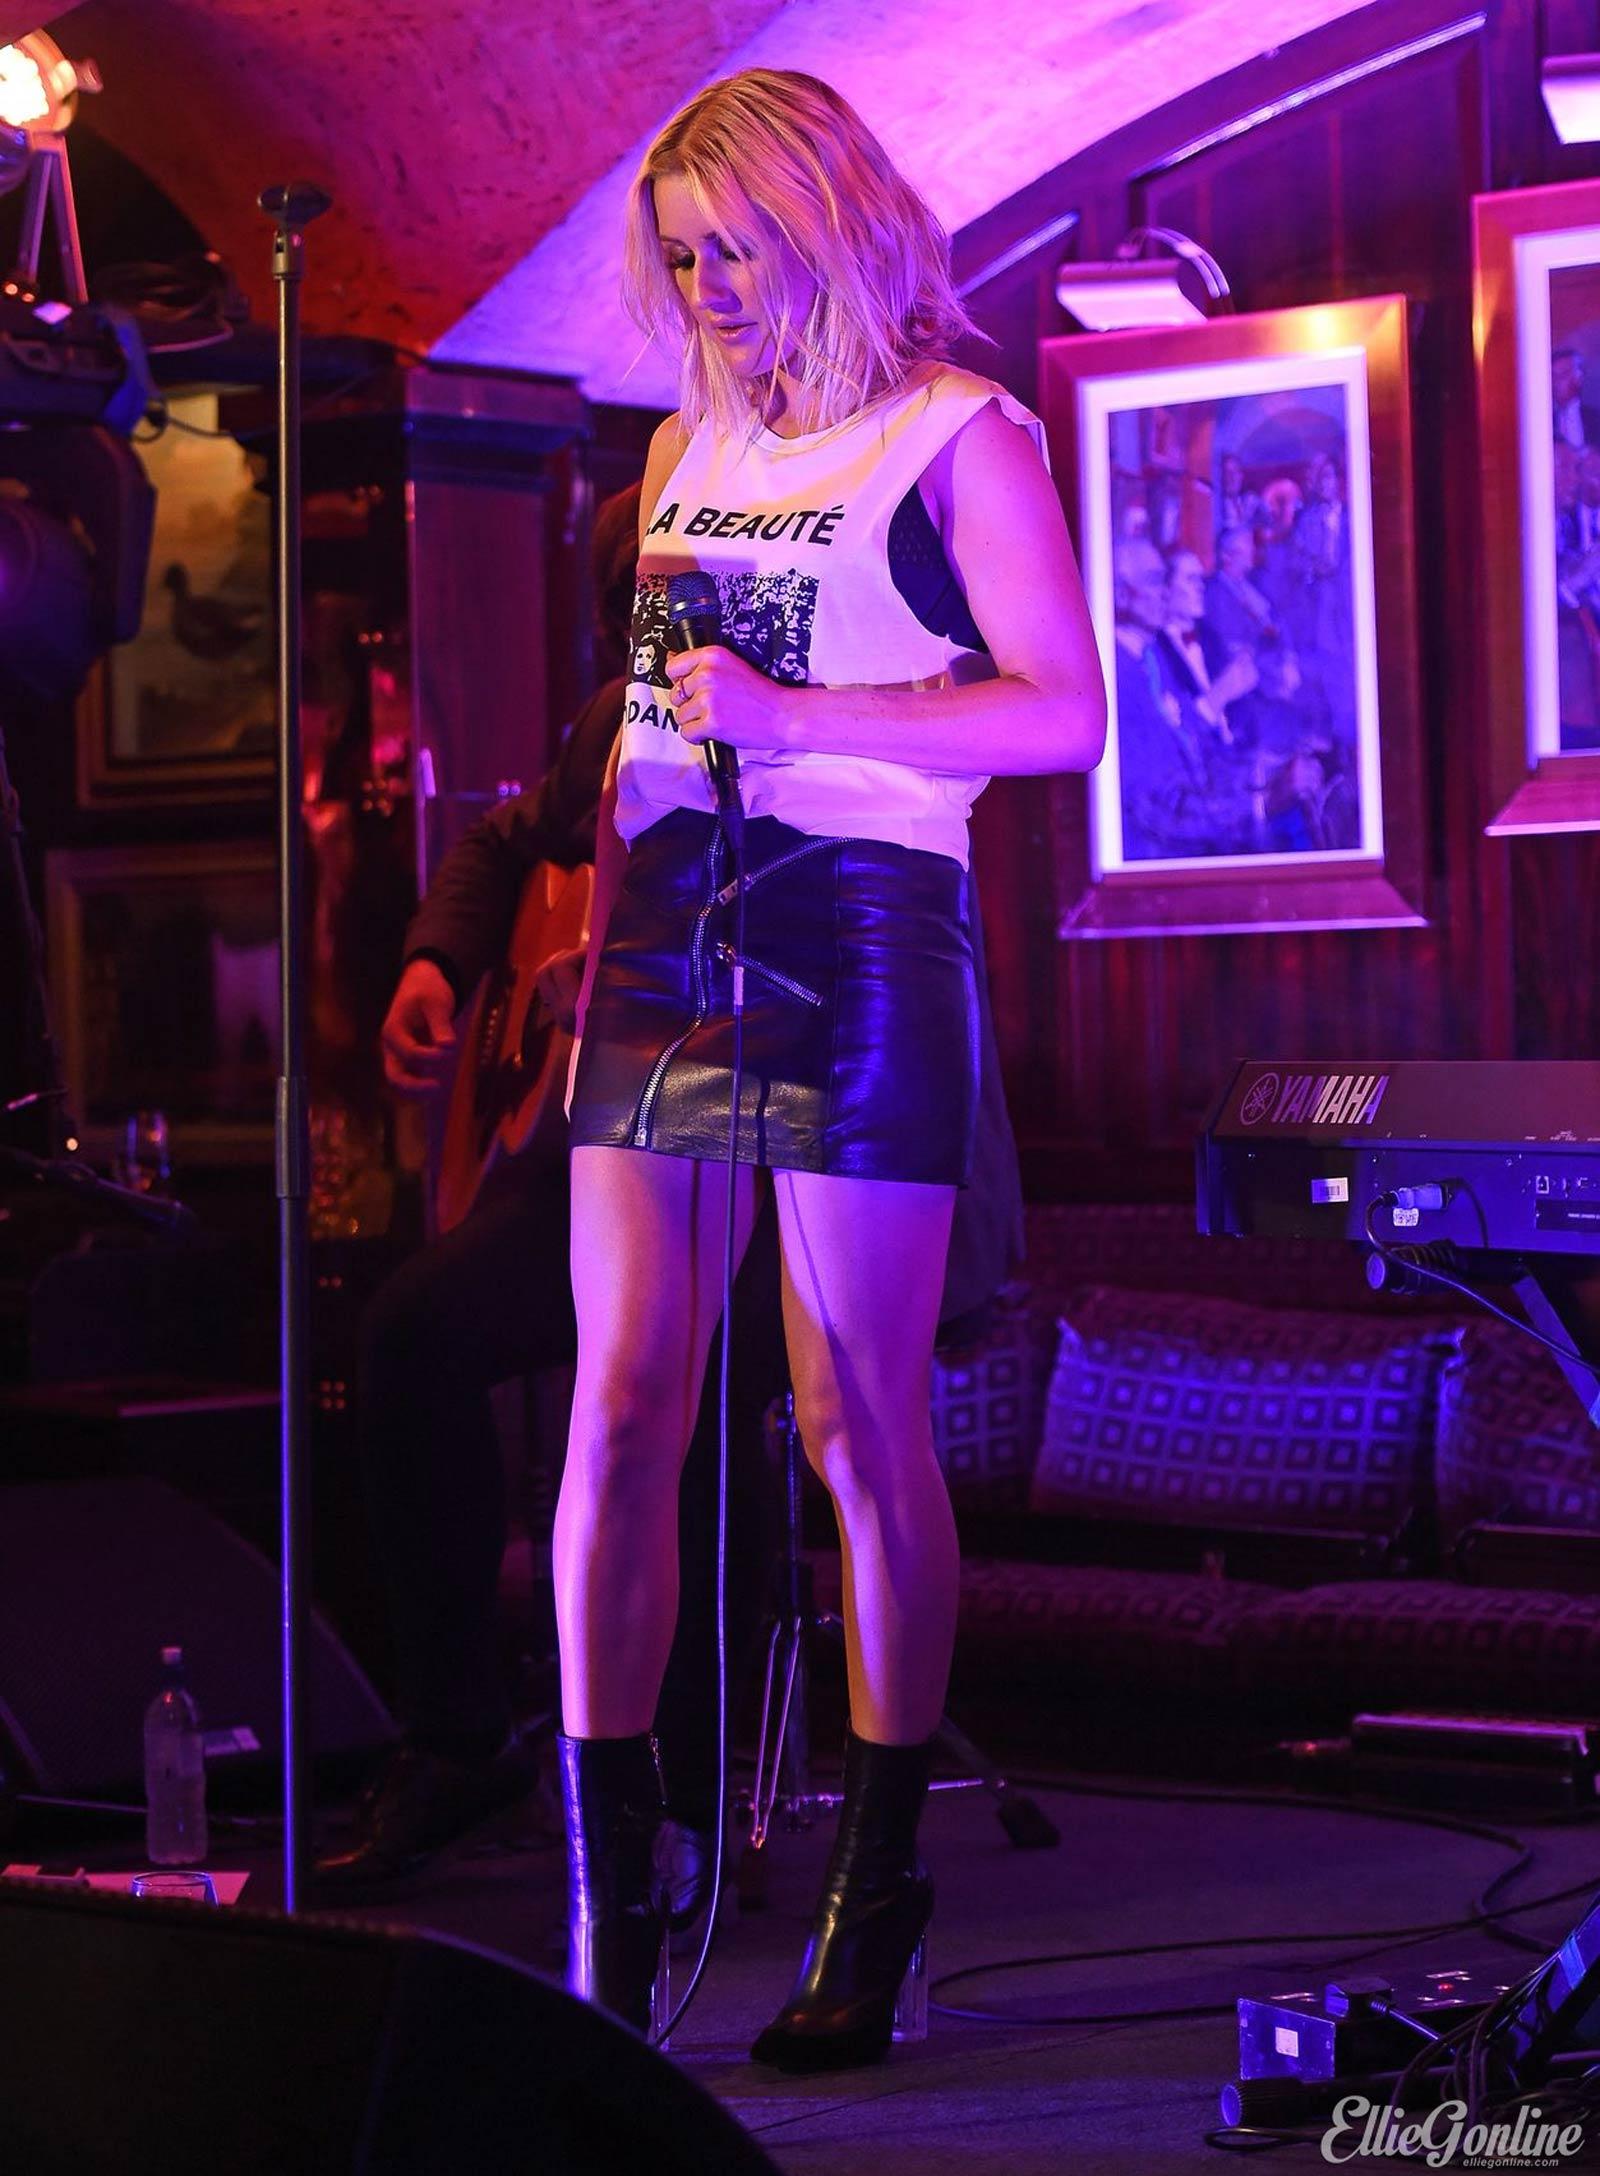 Ellie Goulding performs at Annabels Members Club